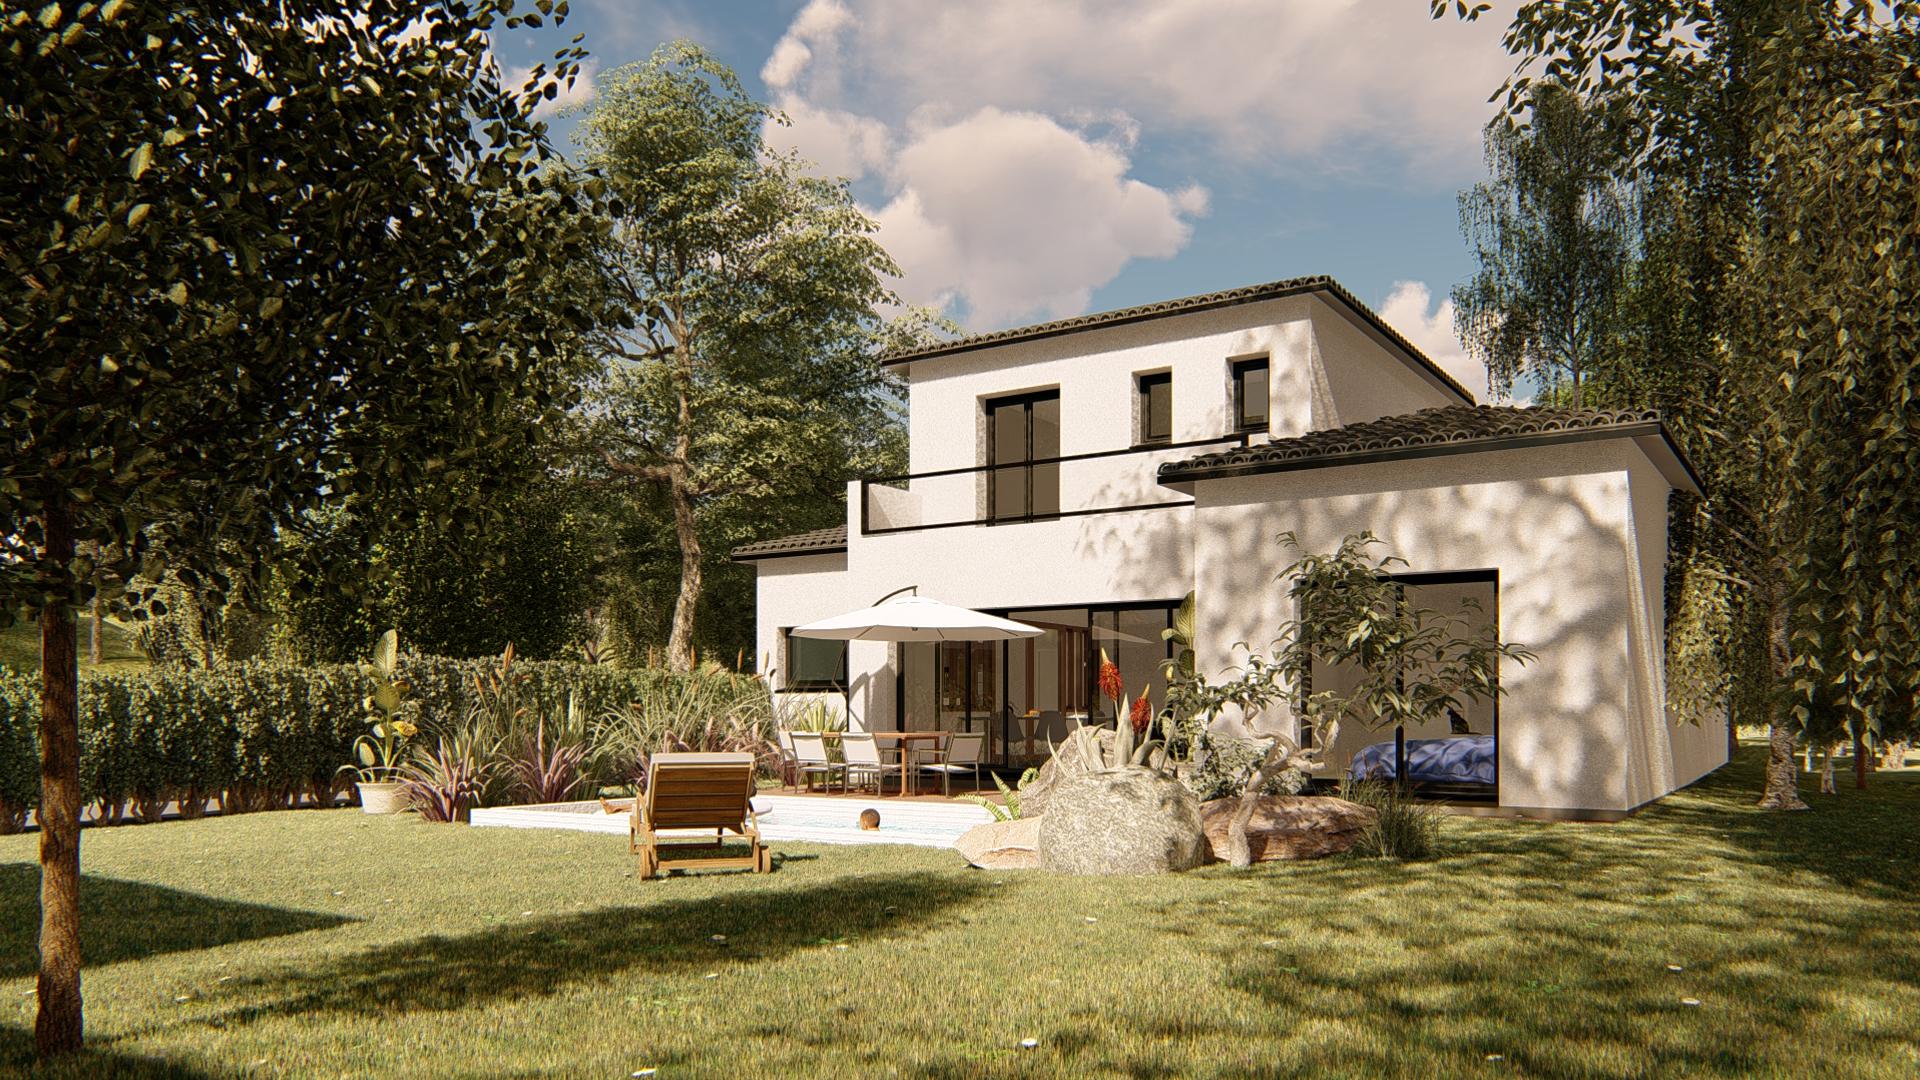 Maisons + Terrains du constructeur VILLAS SUD CREATION • 140 m² • NAILLOUX